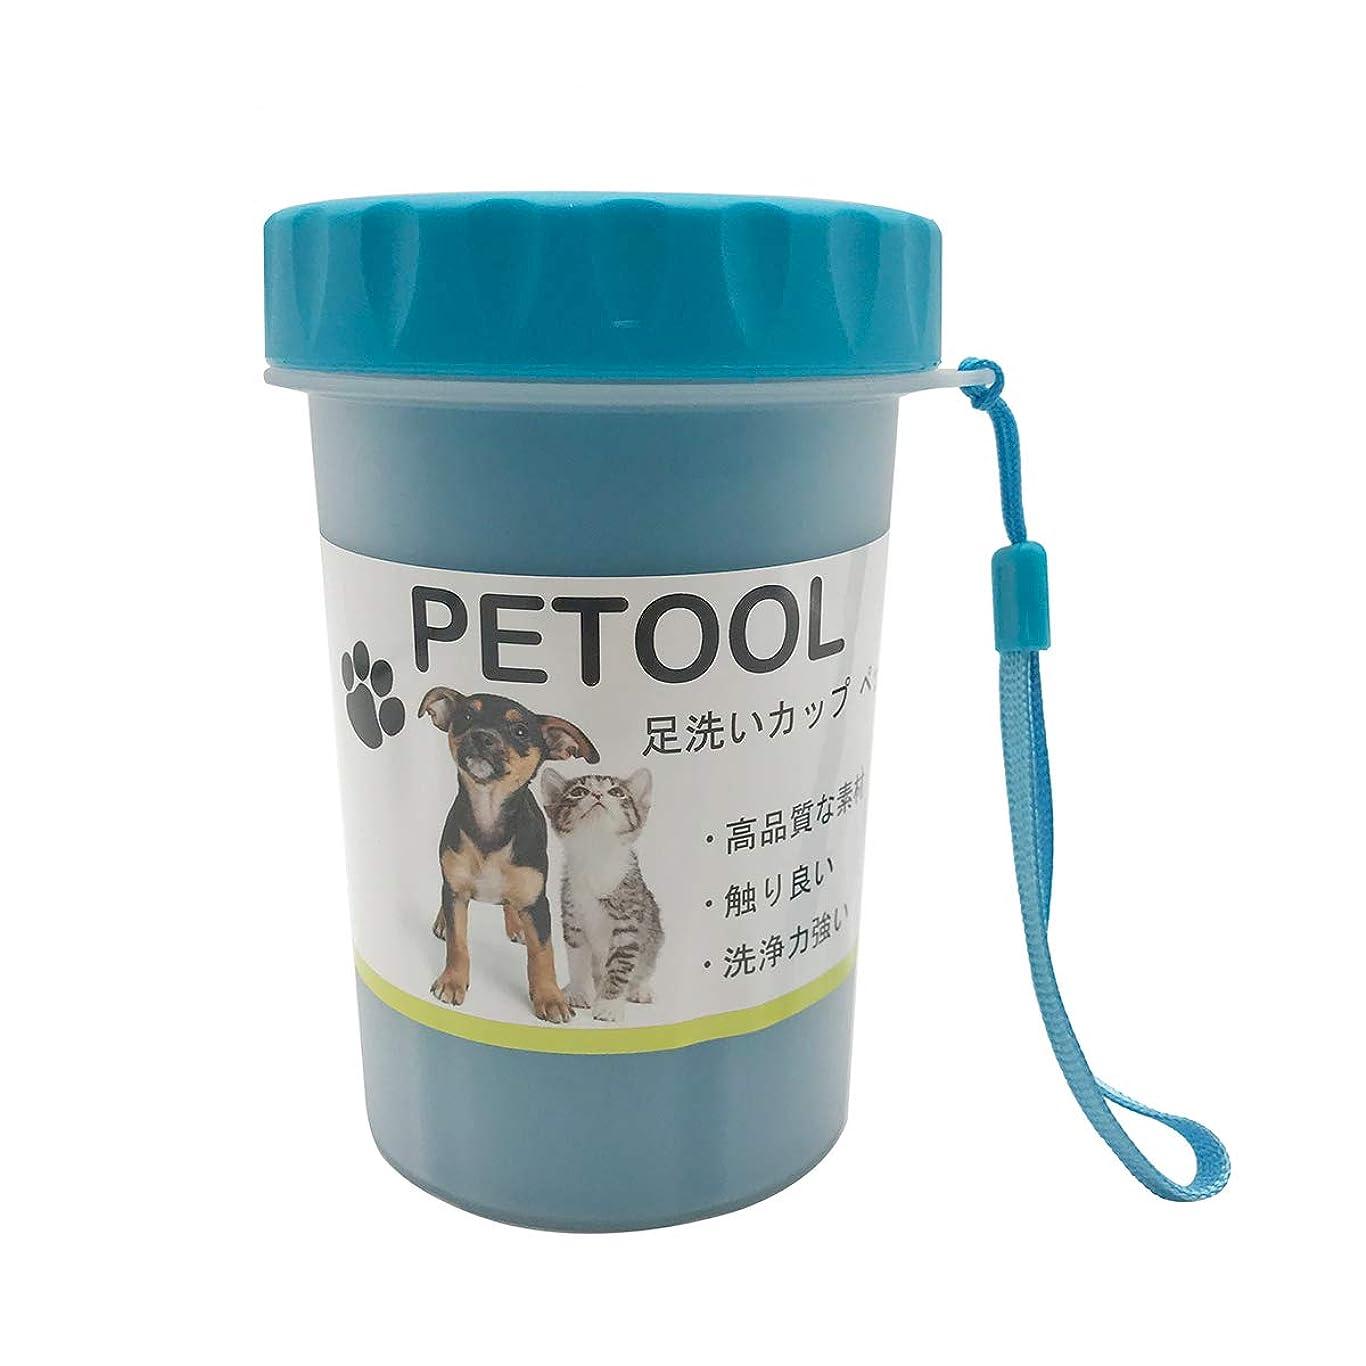 間隔文字冊子PETOOL 足洗いカップ ペット 犬 クリーナー 足洗いブラシ 小型中型犬用 シリコーンブラシ マッサージ効果 安全 便利 耐久 ブルー L(大)